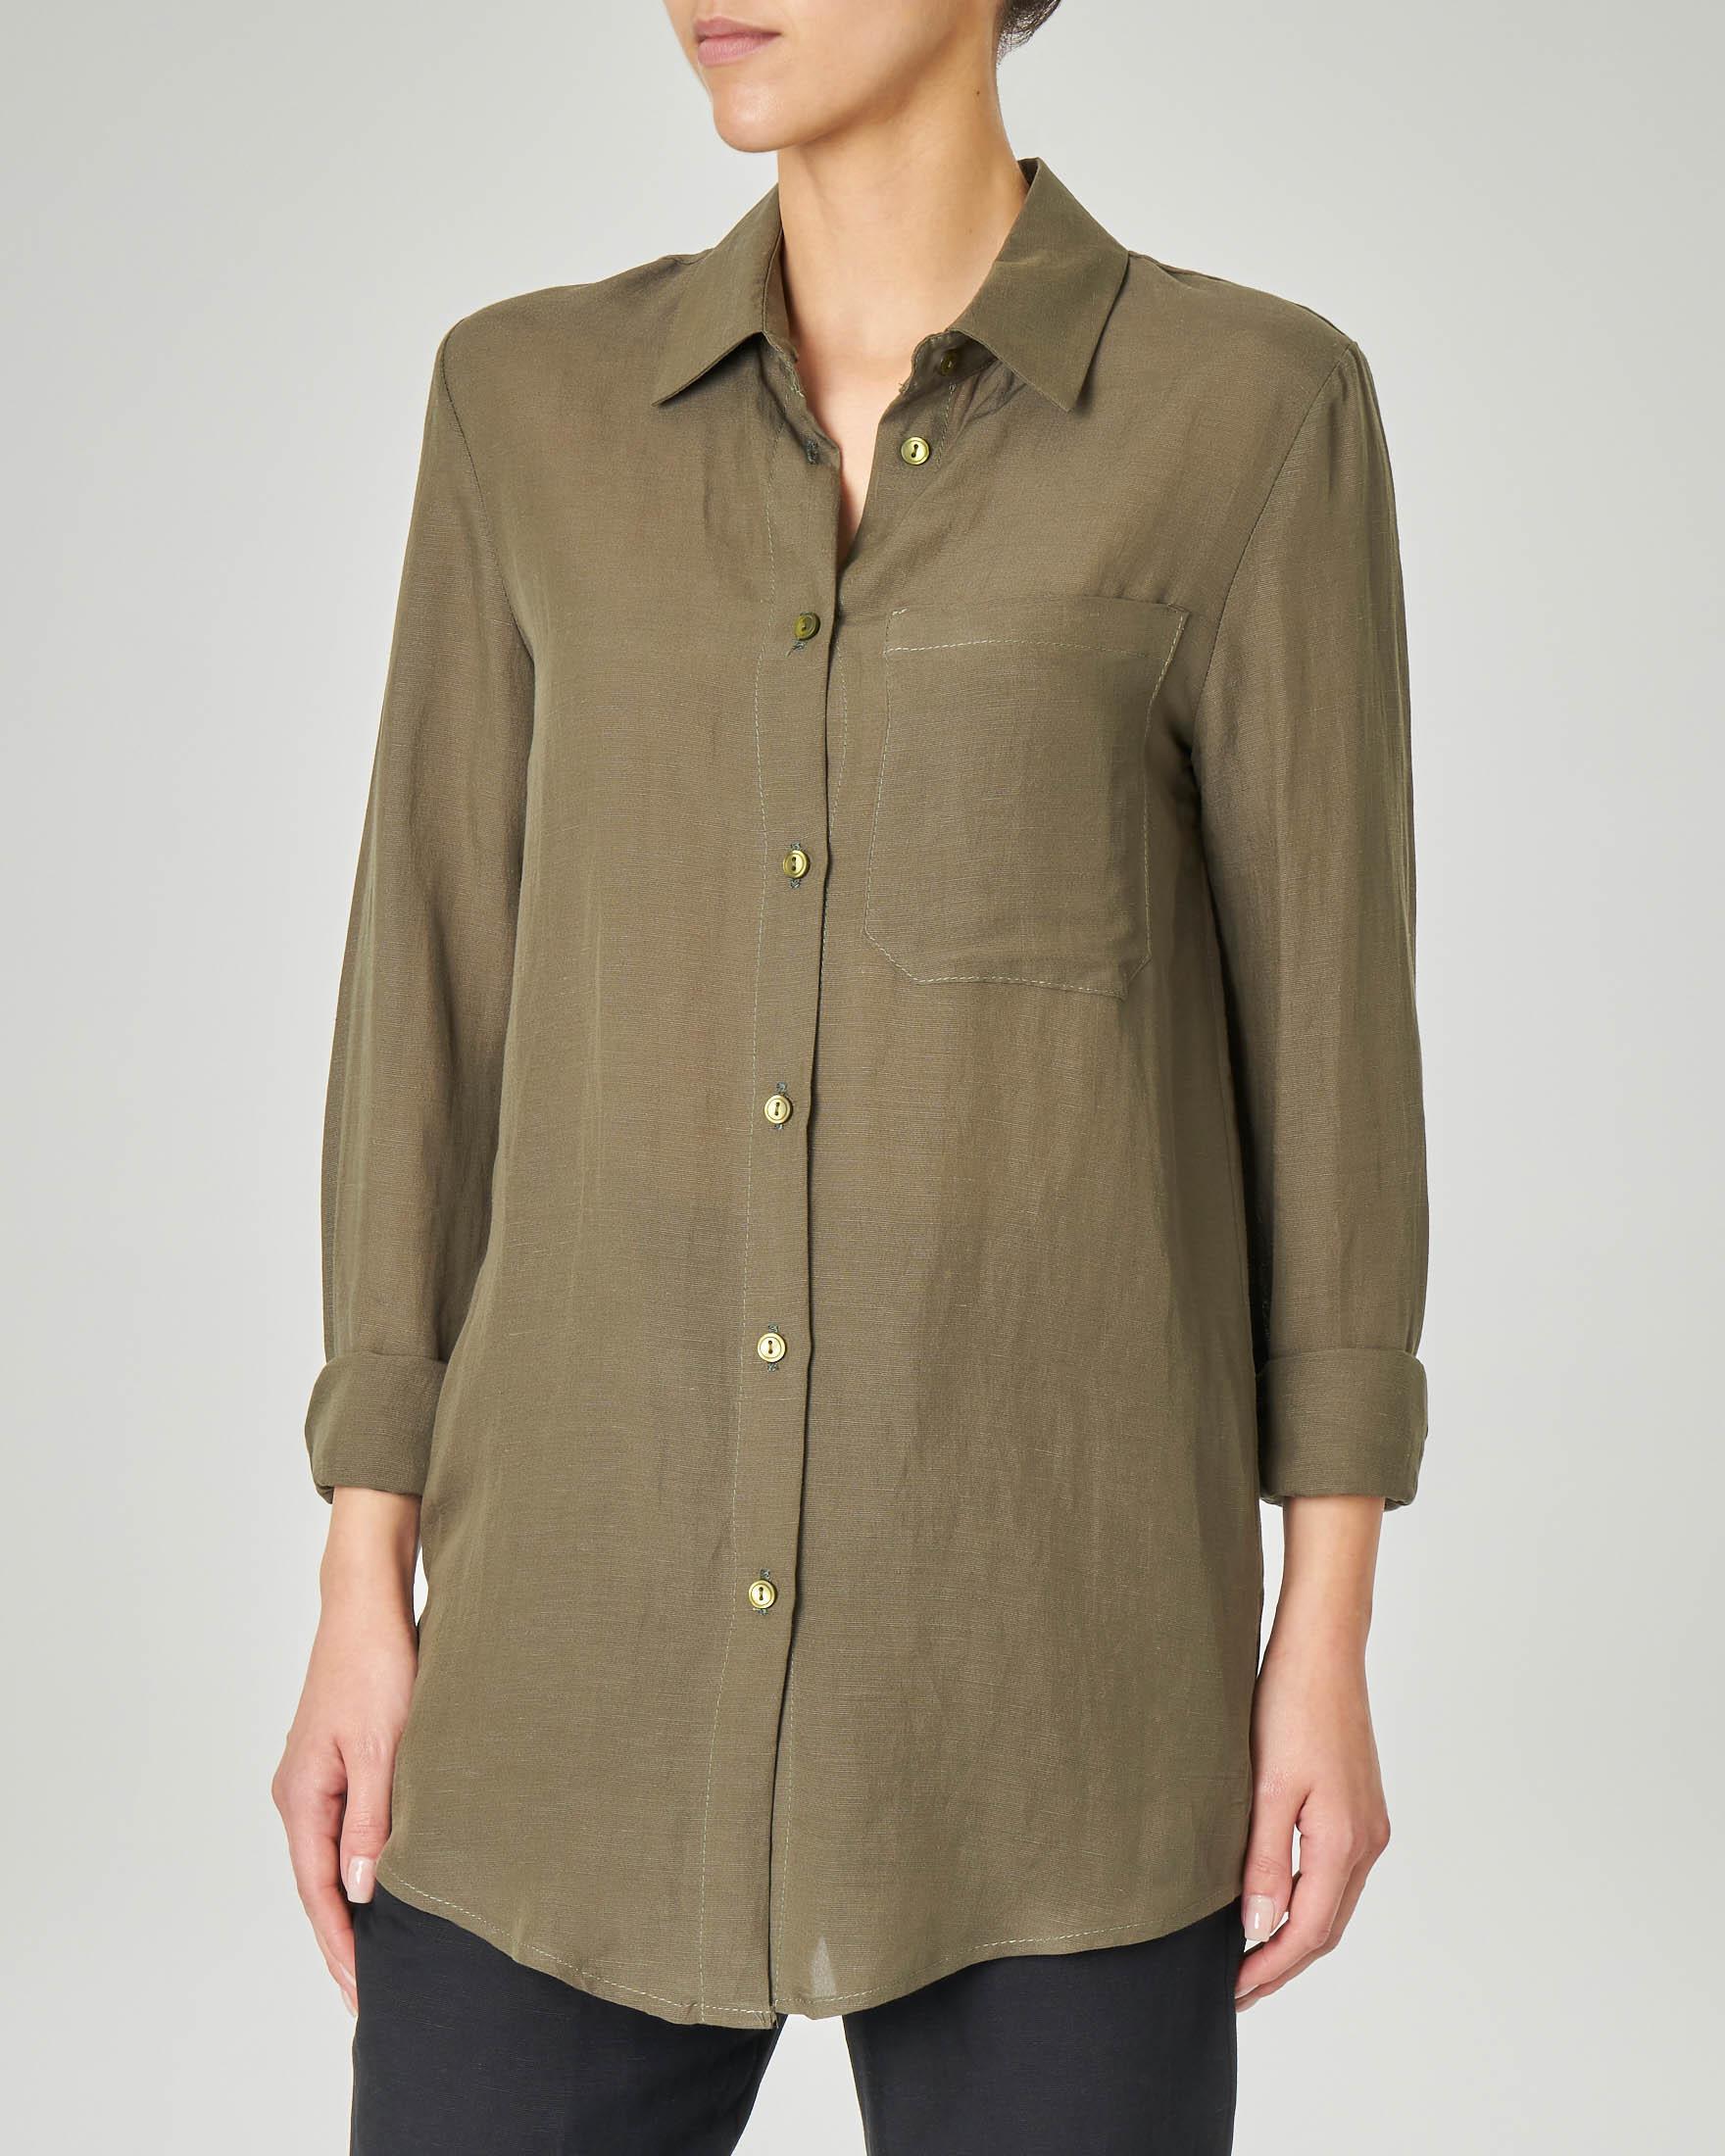 008ca4518efd Camicia verde militare in viscosa misto lino con taschino